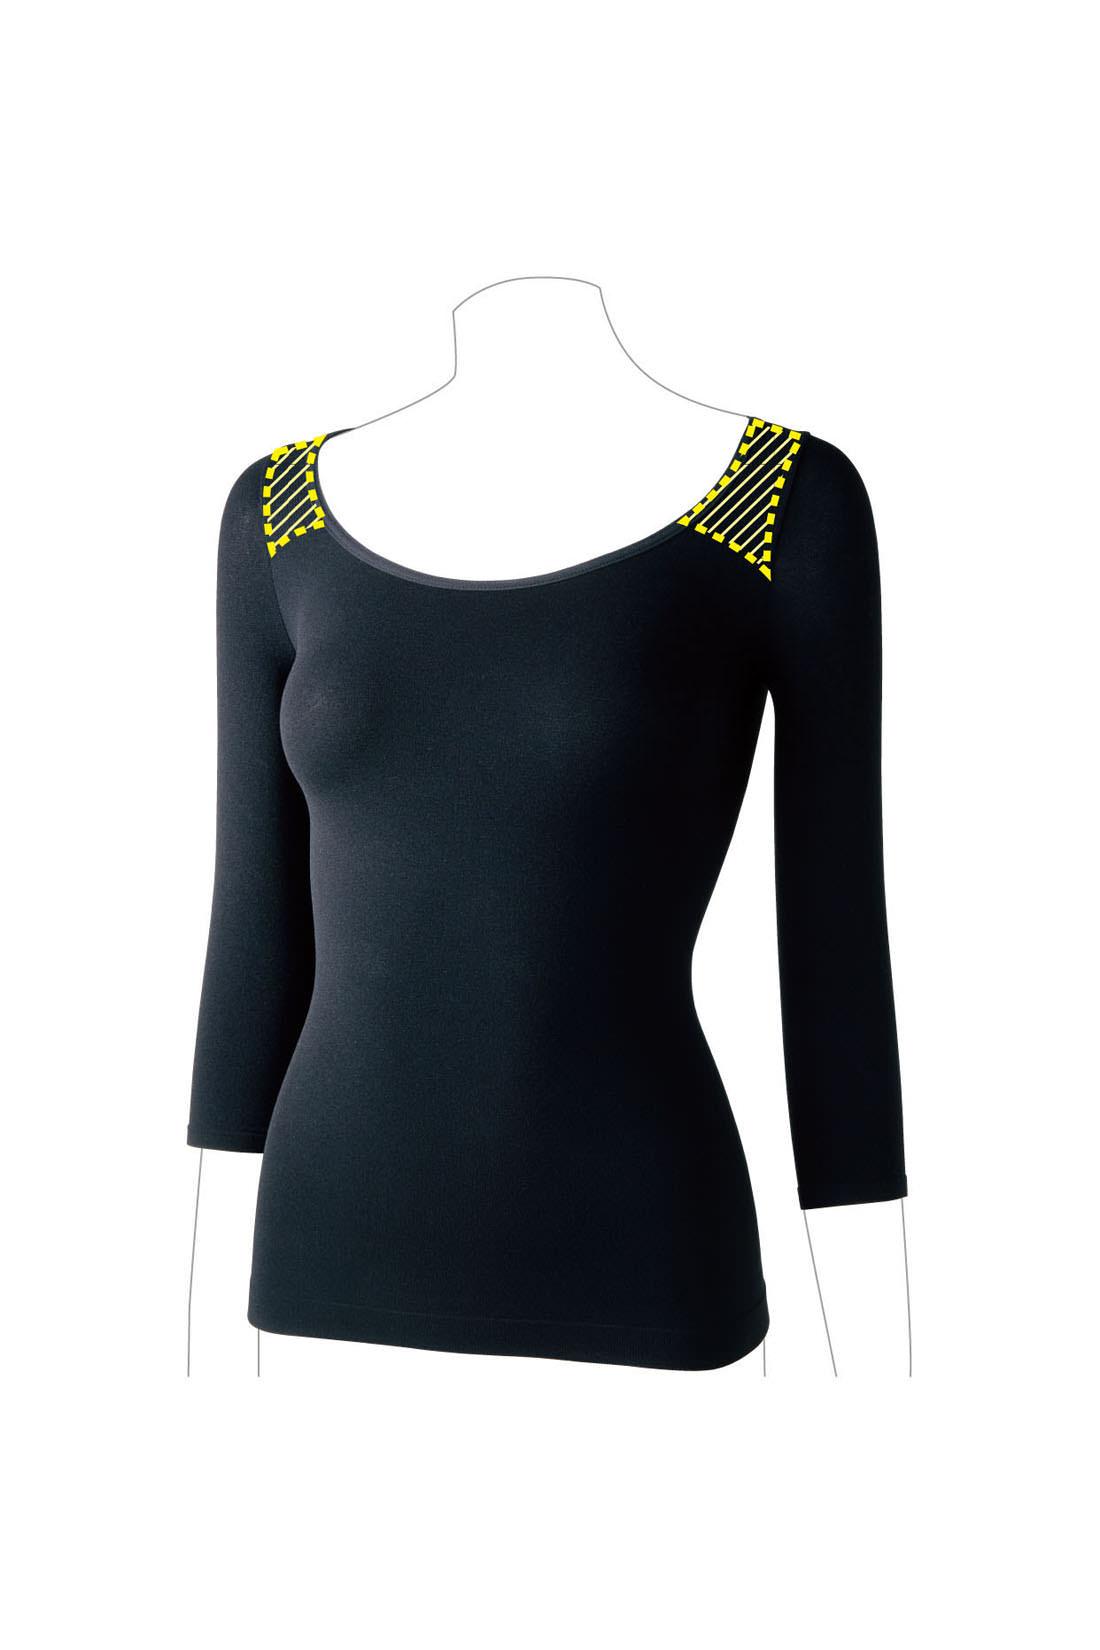 【正面】アウターに合わせやすい広めの衿ぐりに使いやすい七分袖。オールシーズン着用できる、薄手でほどよいフィット感。